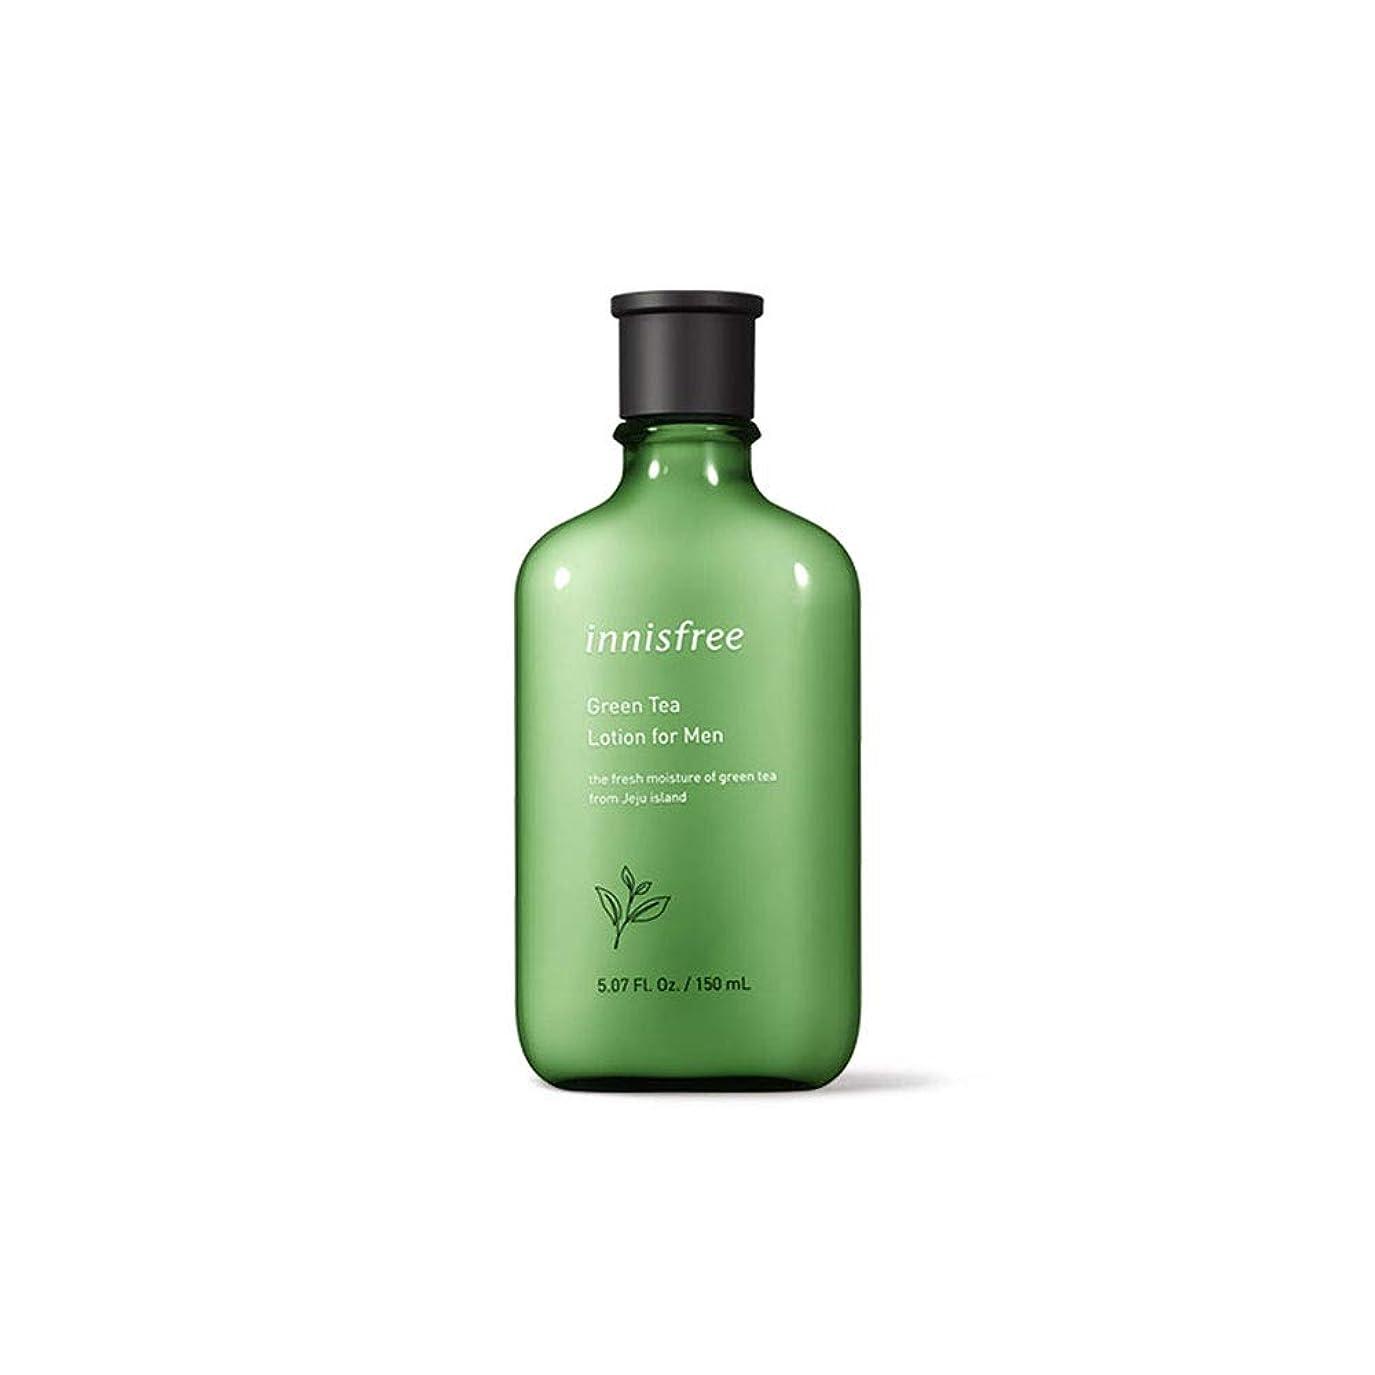 シャー爆発するするイニスフリー Innisfree グリーンティーローションフォーメン(150ml) Innisfree Green Tea Lotion For Men(150ml) [海外直送品]